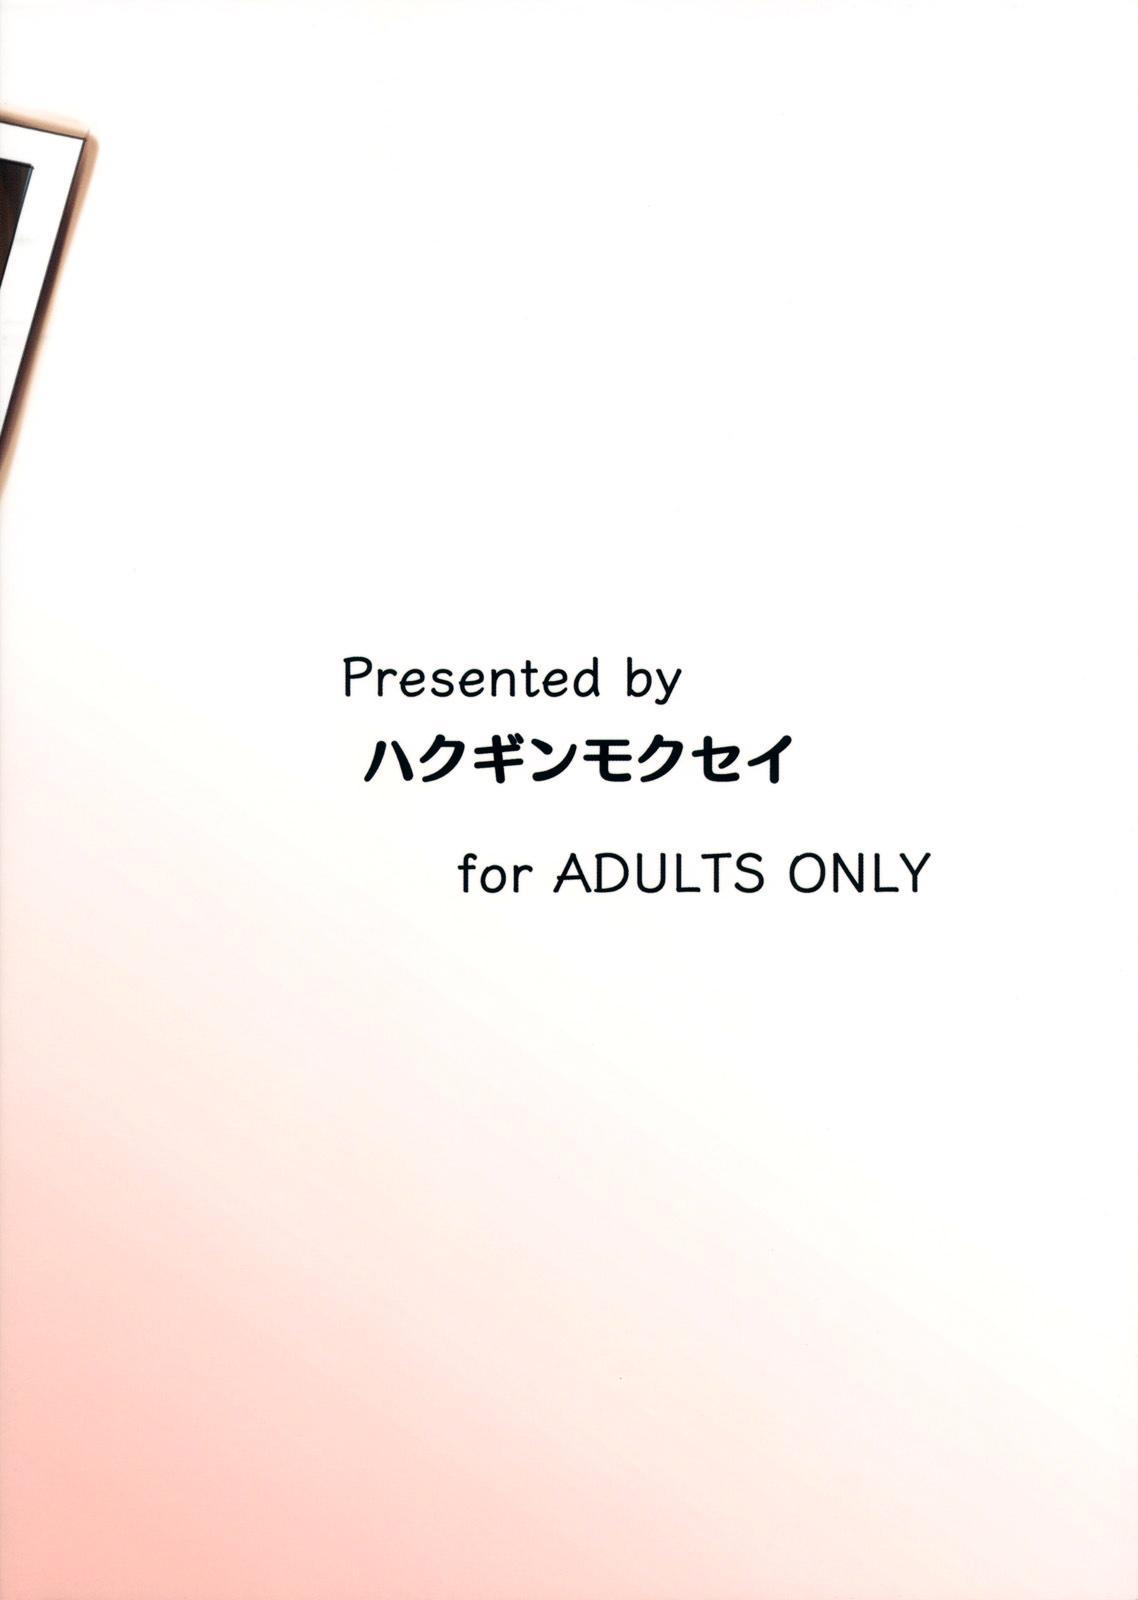 (Suikansai) [Hakuginmokusei (Poshi)] The Record of Reimu-san's Secret Photo-Shoot (Touhou Project) [English] {pesu} 19